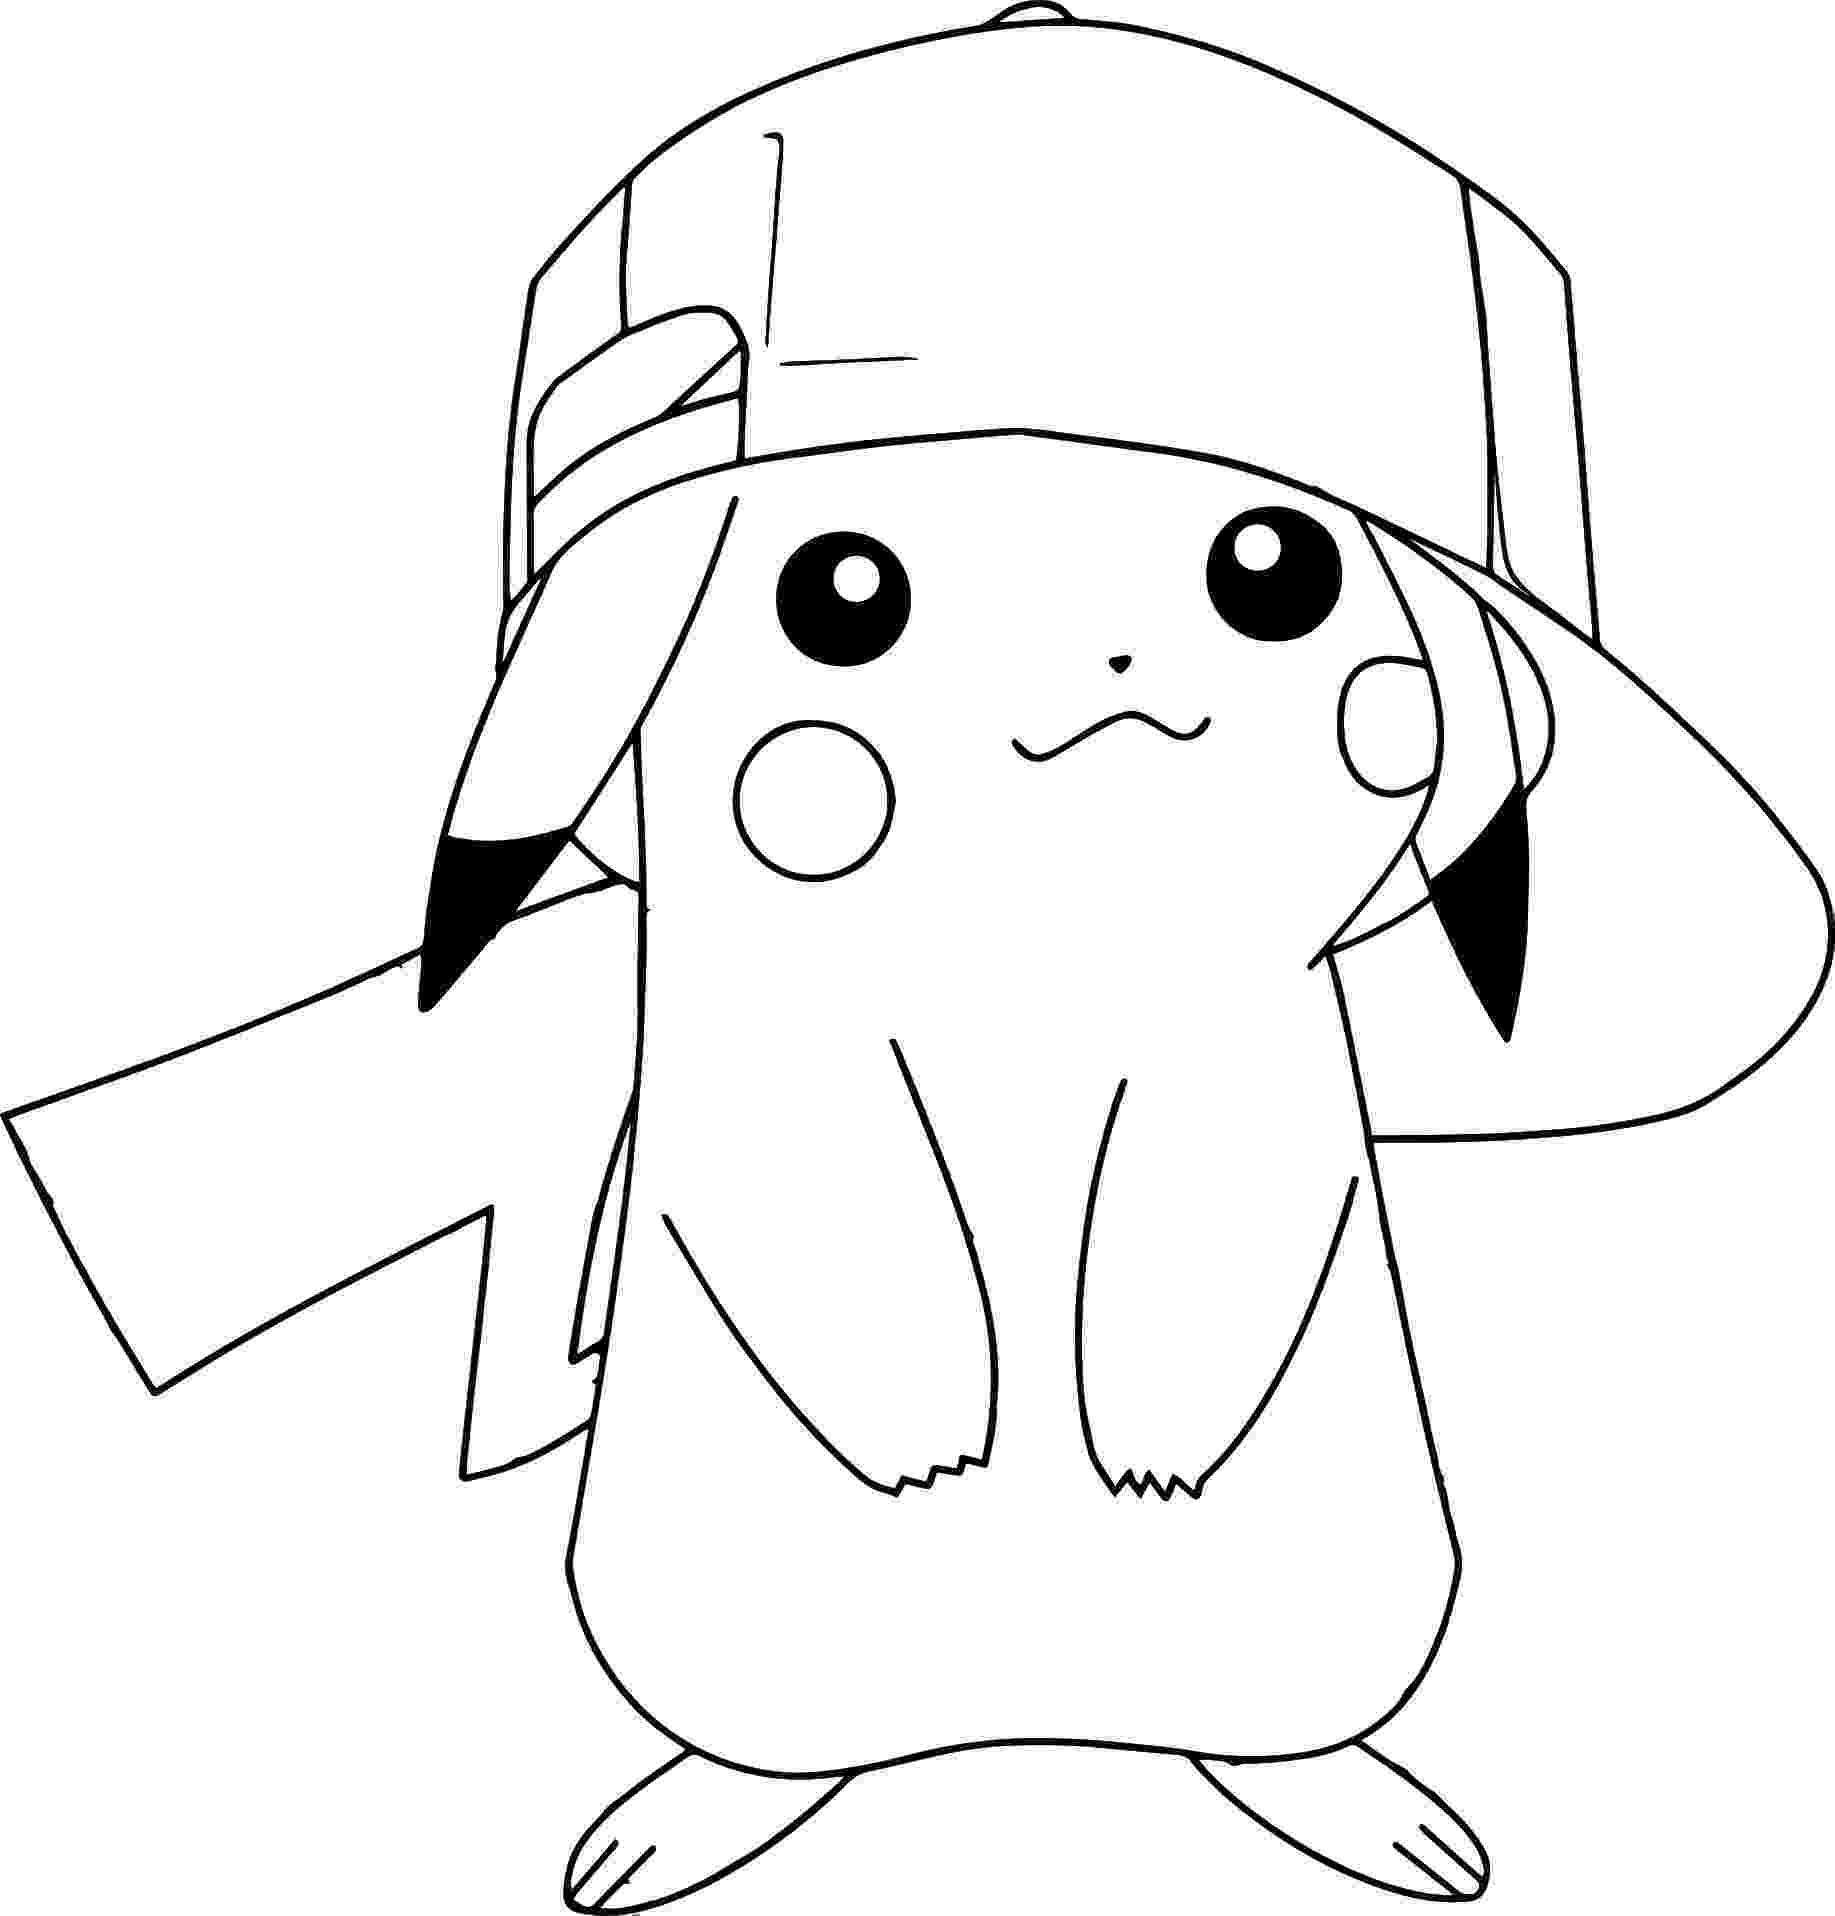 pokemon colouring pictures to print pokemon coloring pages print and colorcom pictures print pokemon to colouring